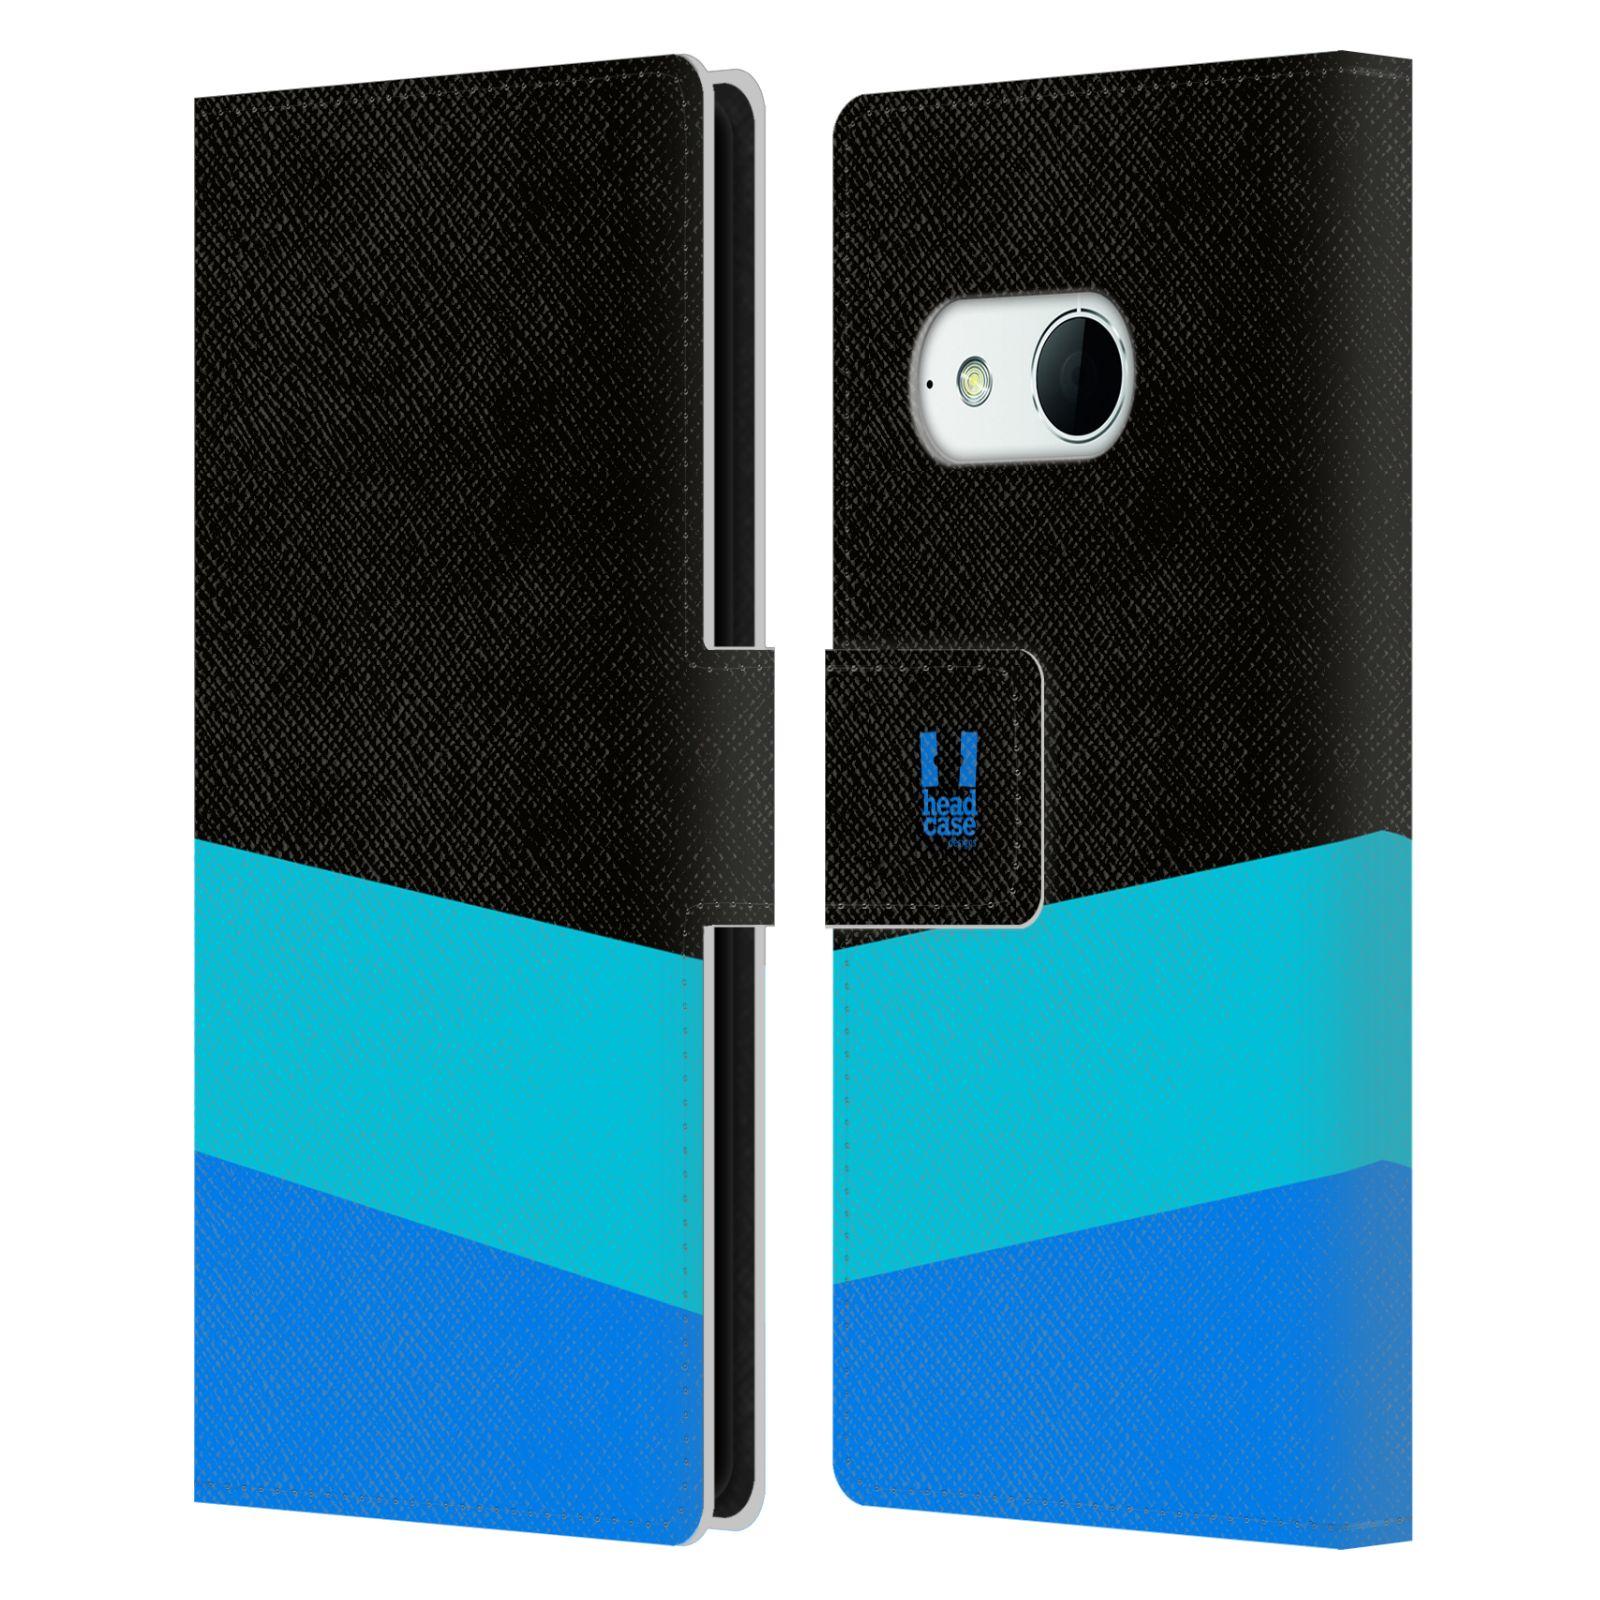 HEAD CASE Flipové pouzdro pro mobil HTC ONE MINI 2 barevné tvary modrá a černá FORMAL